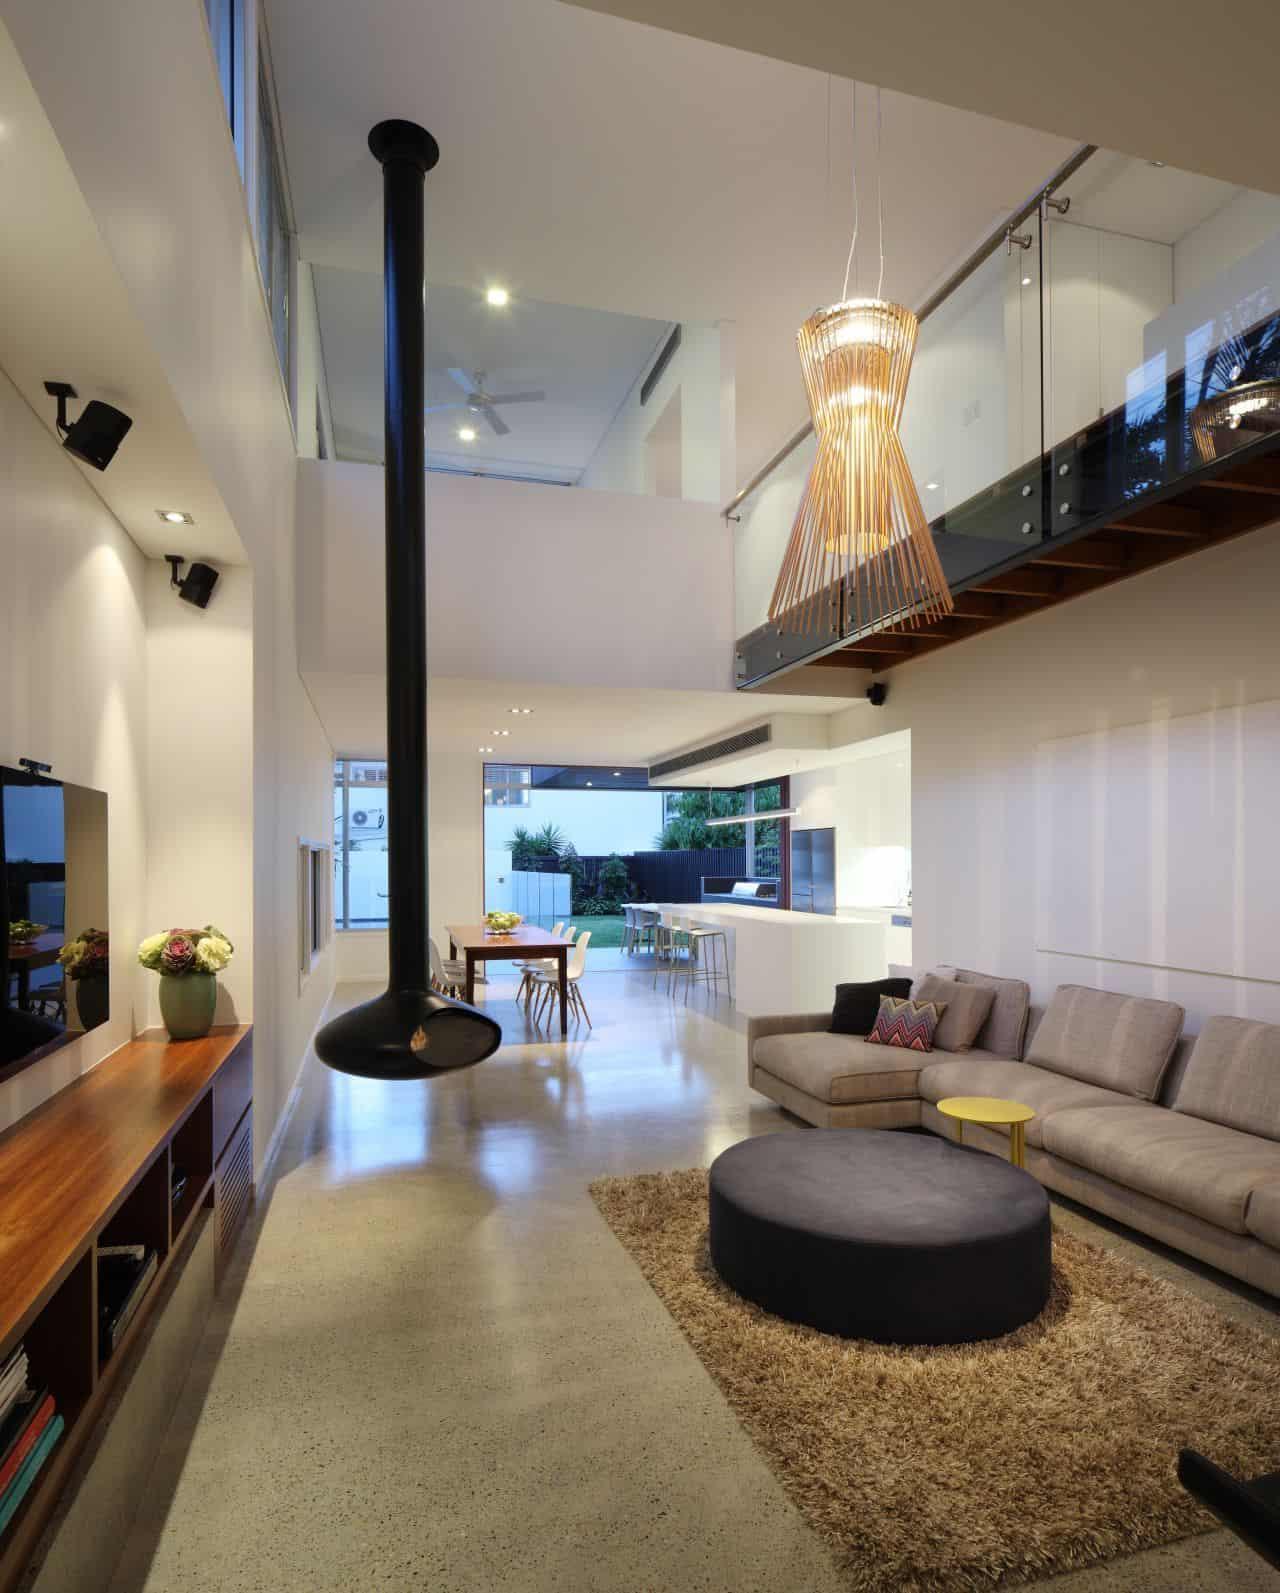 105 V House by Shaun Lockyer Architects (6)